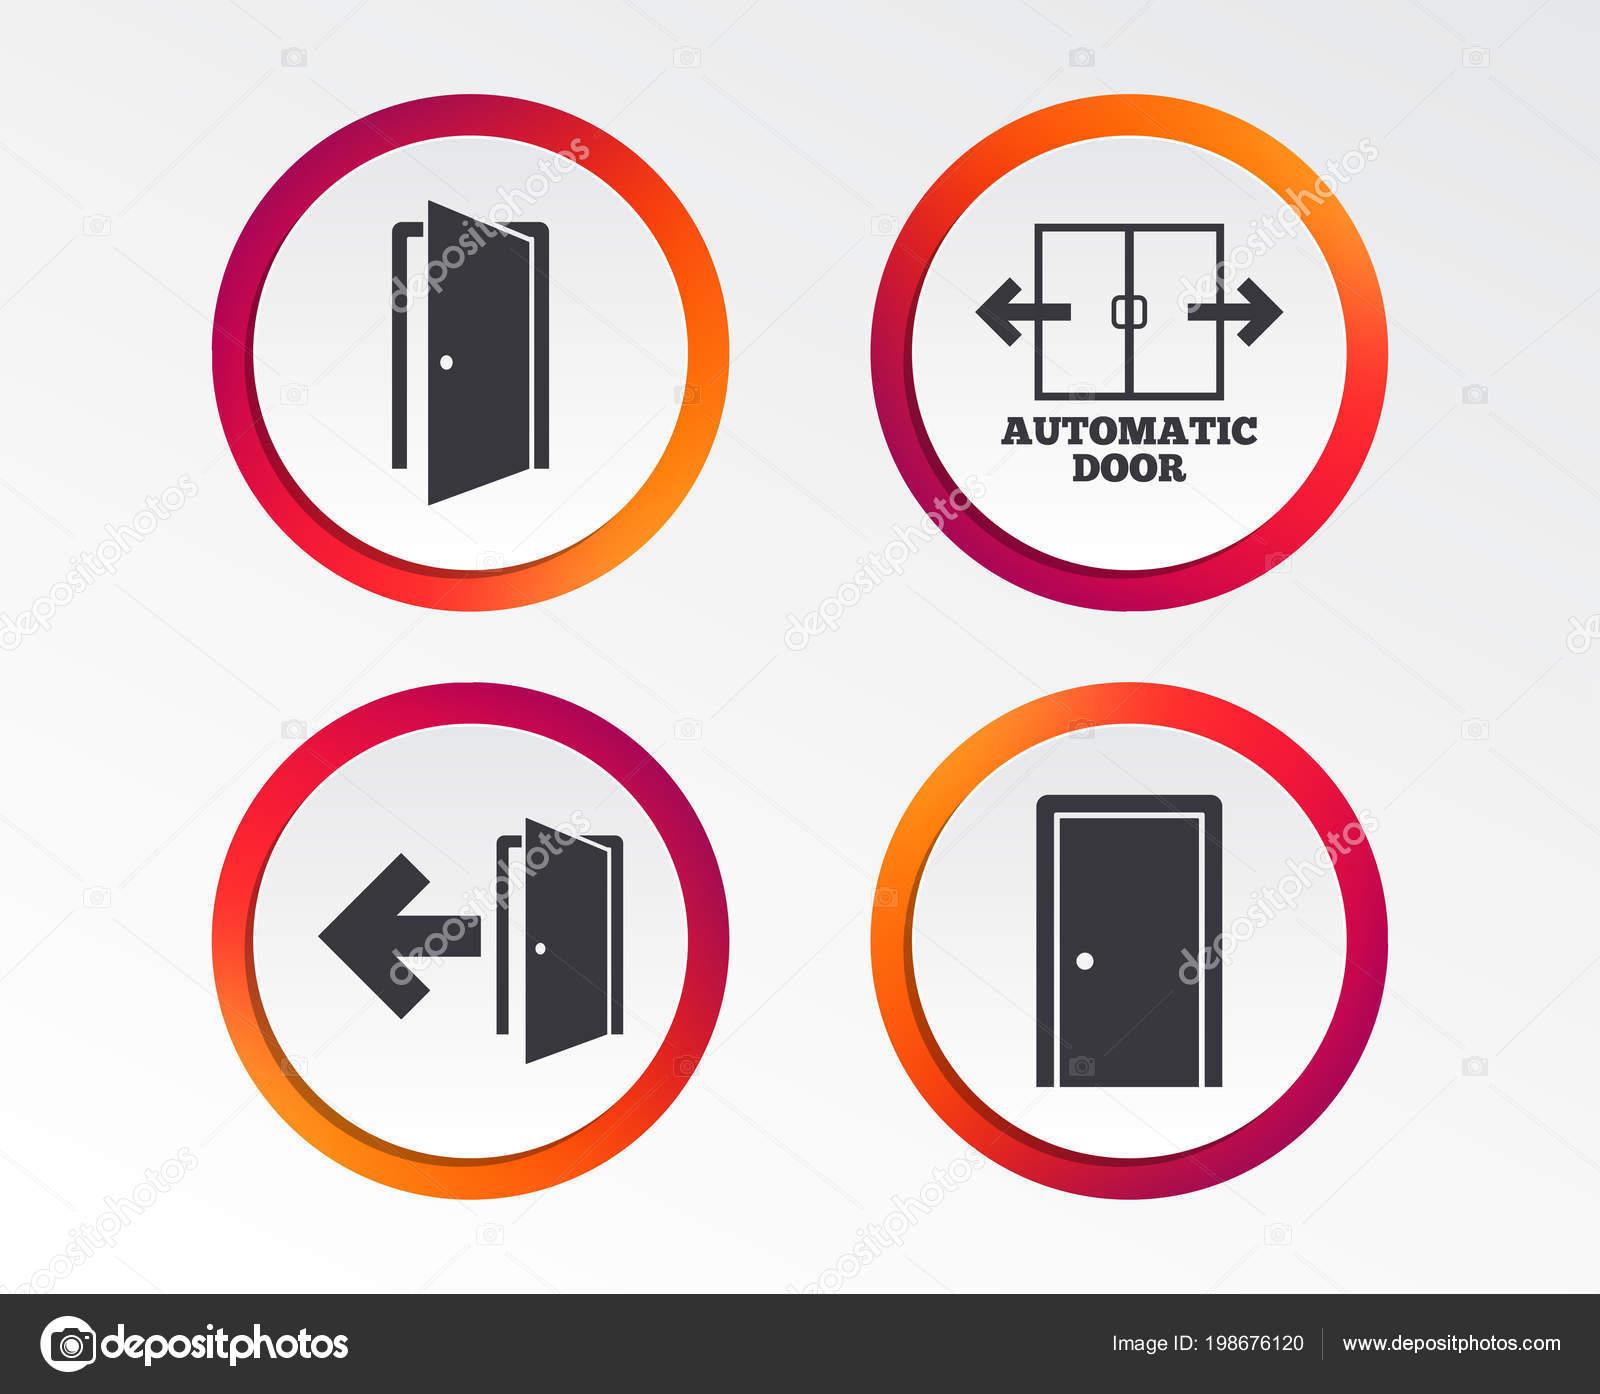 automatic door icon emergency exit arrow symbols fire exit signs